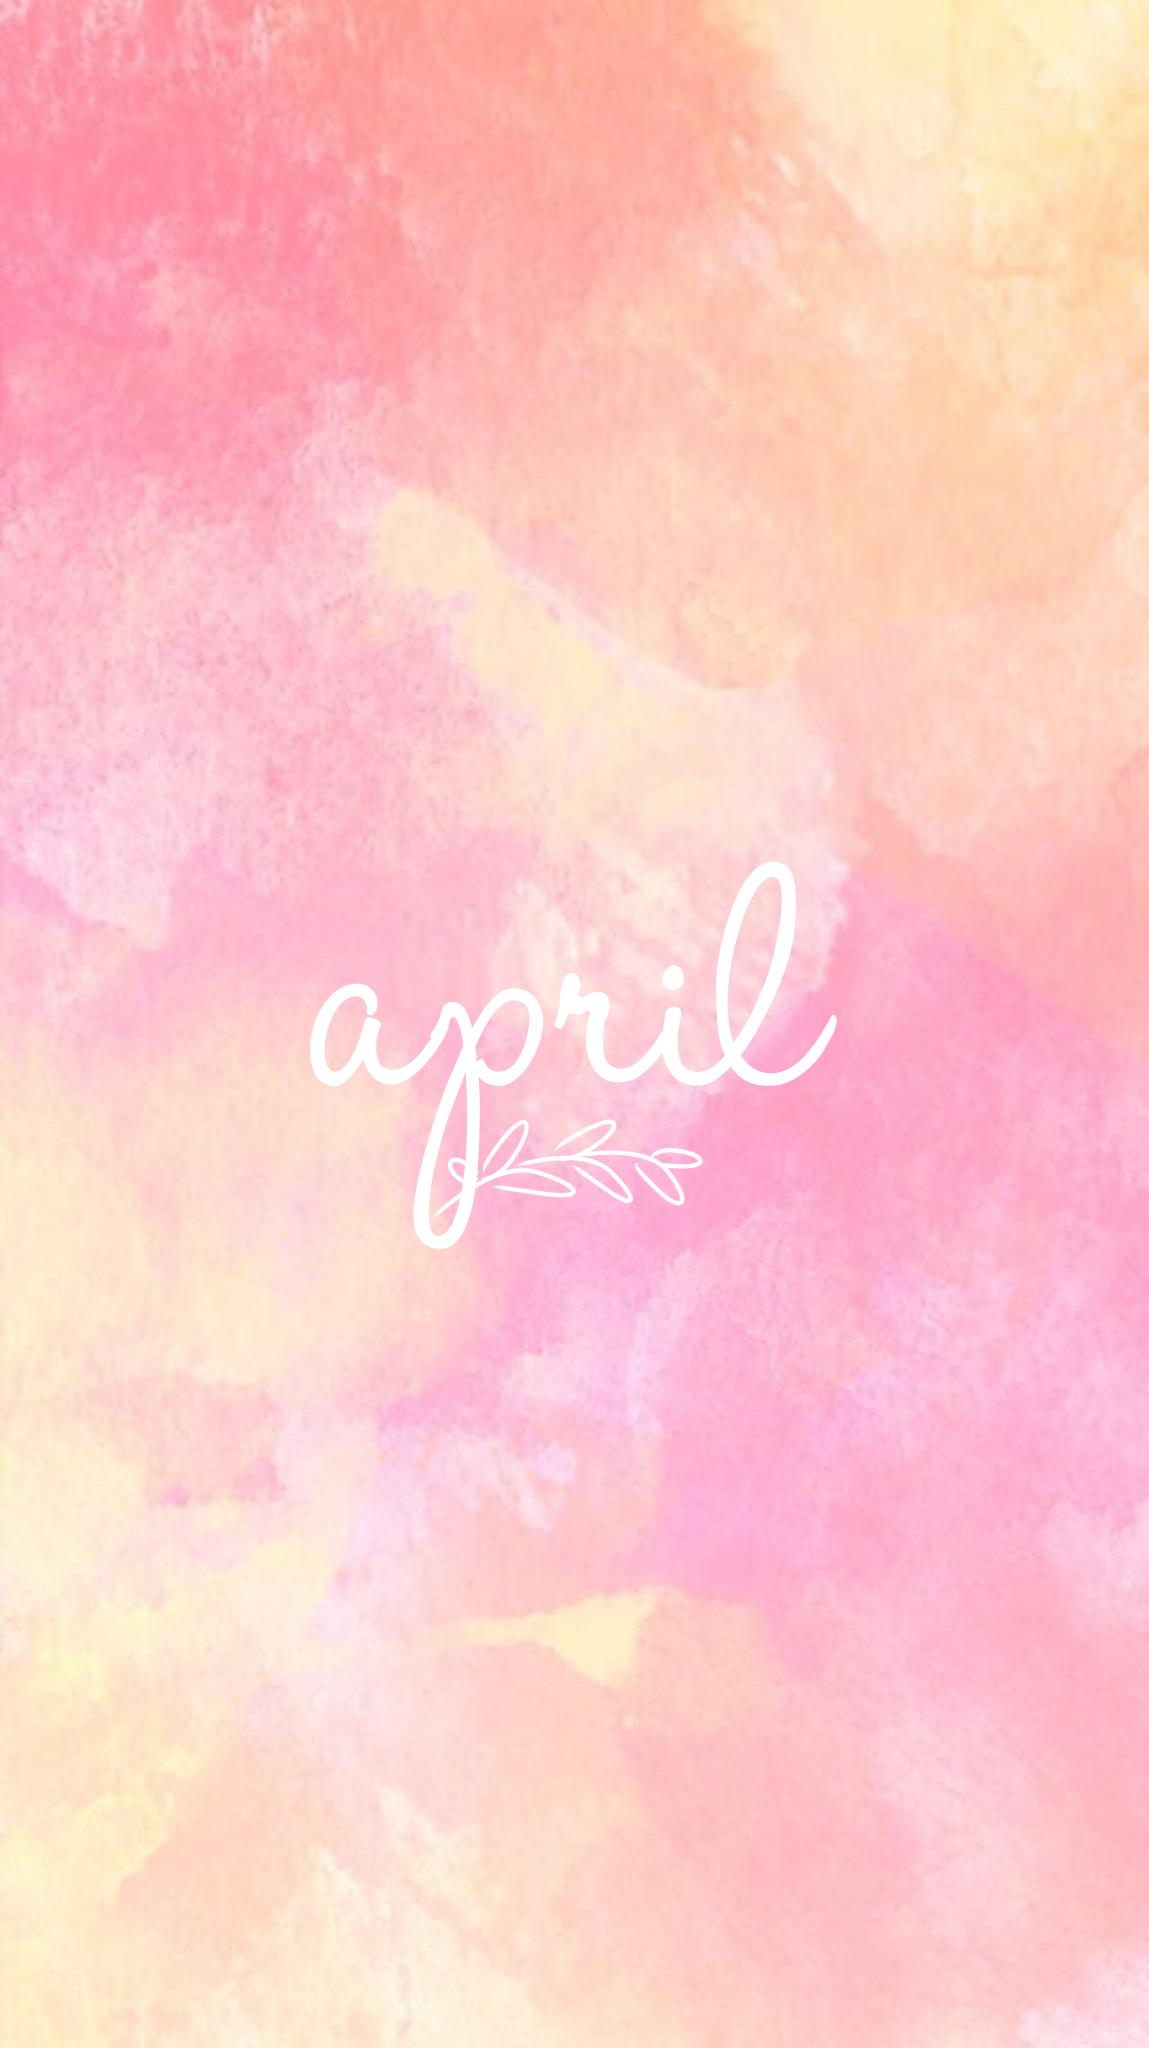 Cute Wallpapers Watercolor April Month Wallpaper Fondos Edit Evaxo Iphone 7 Plus